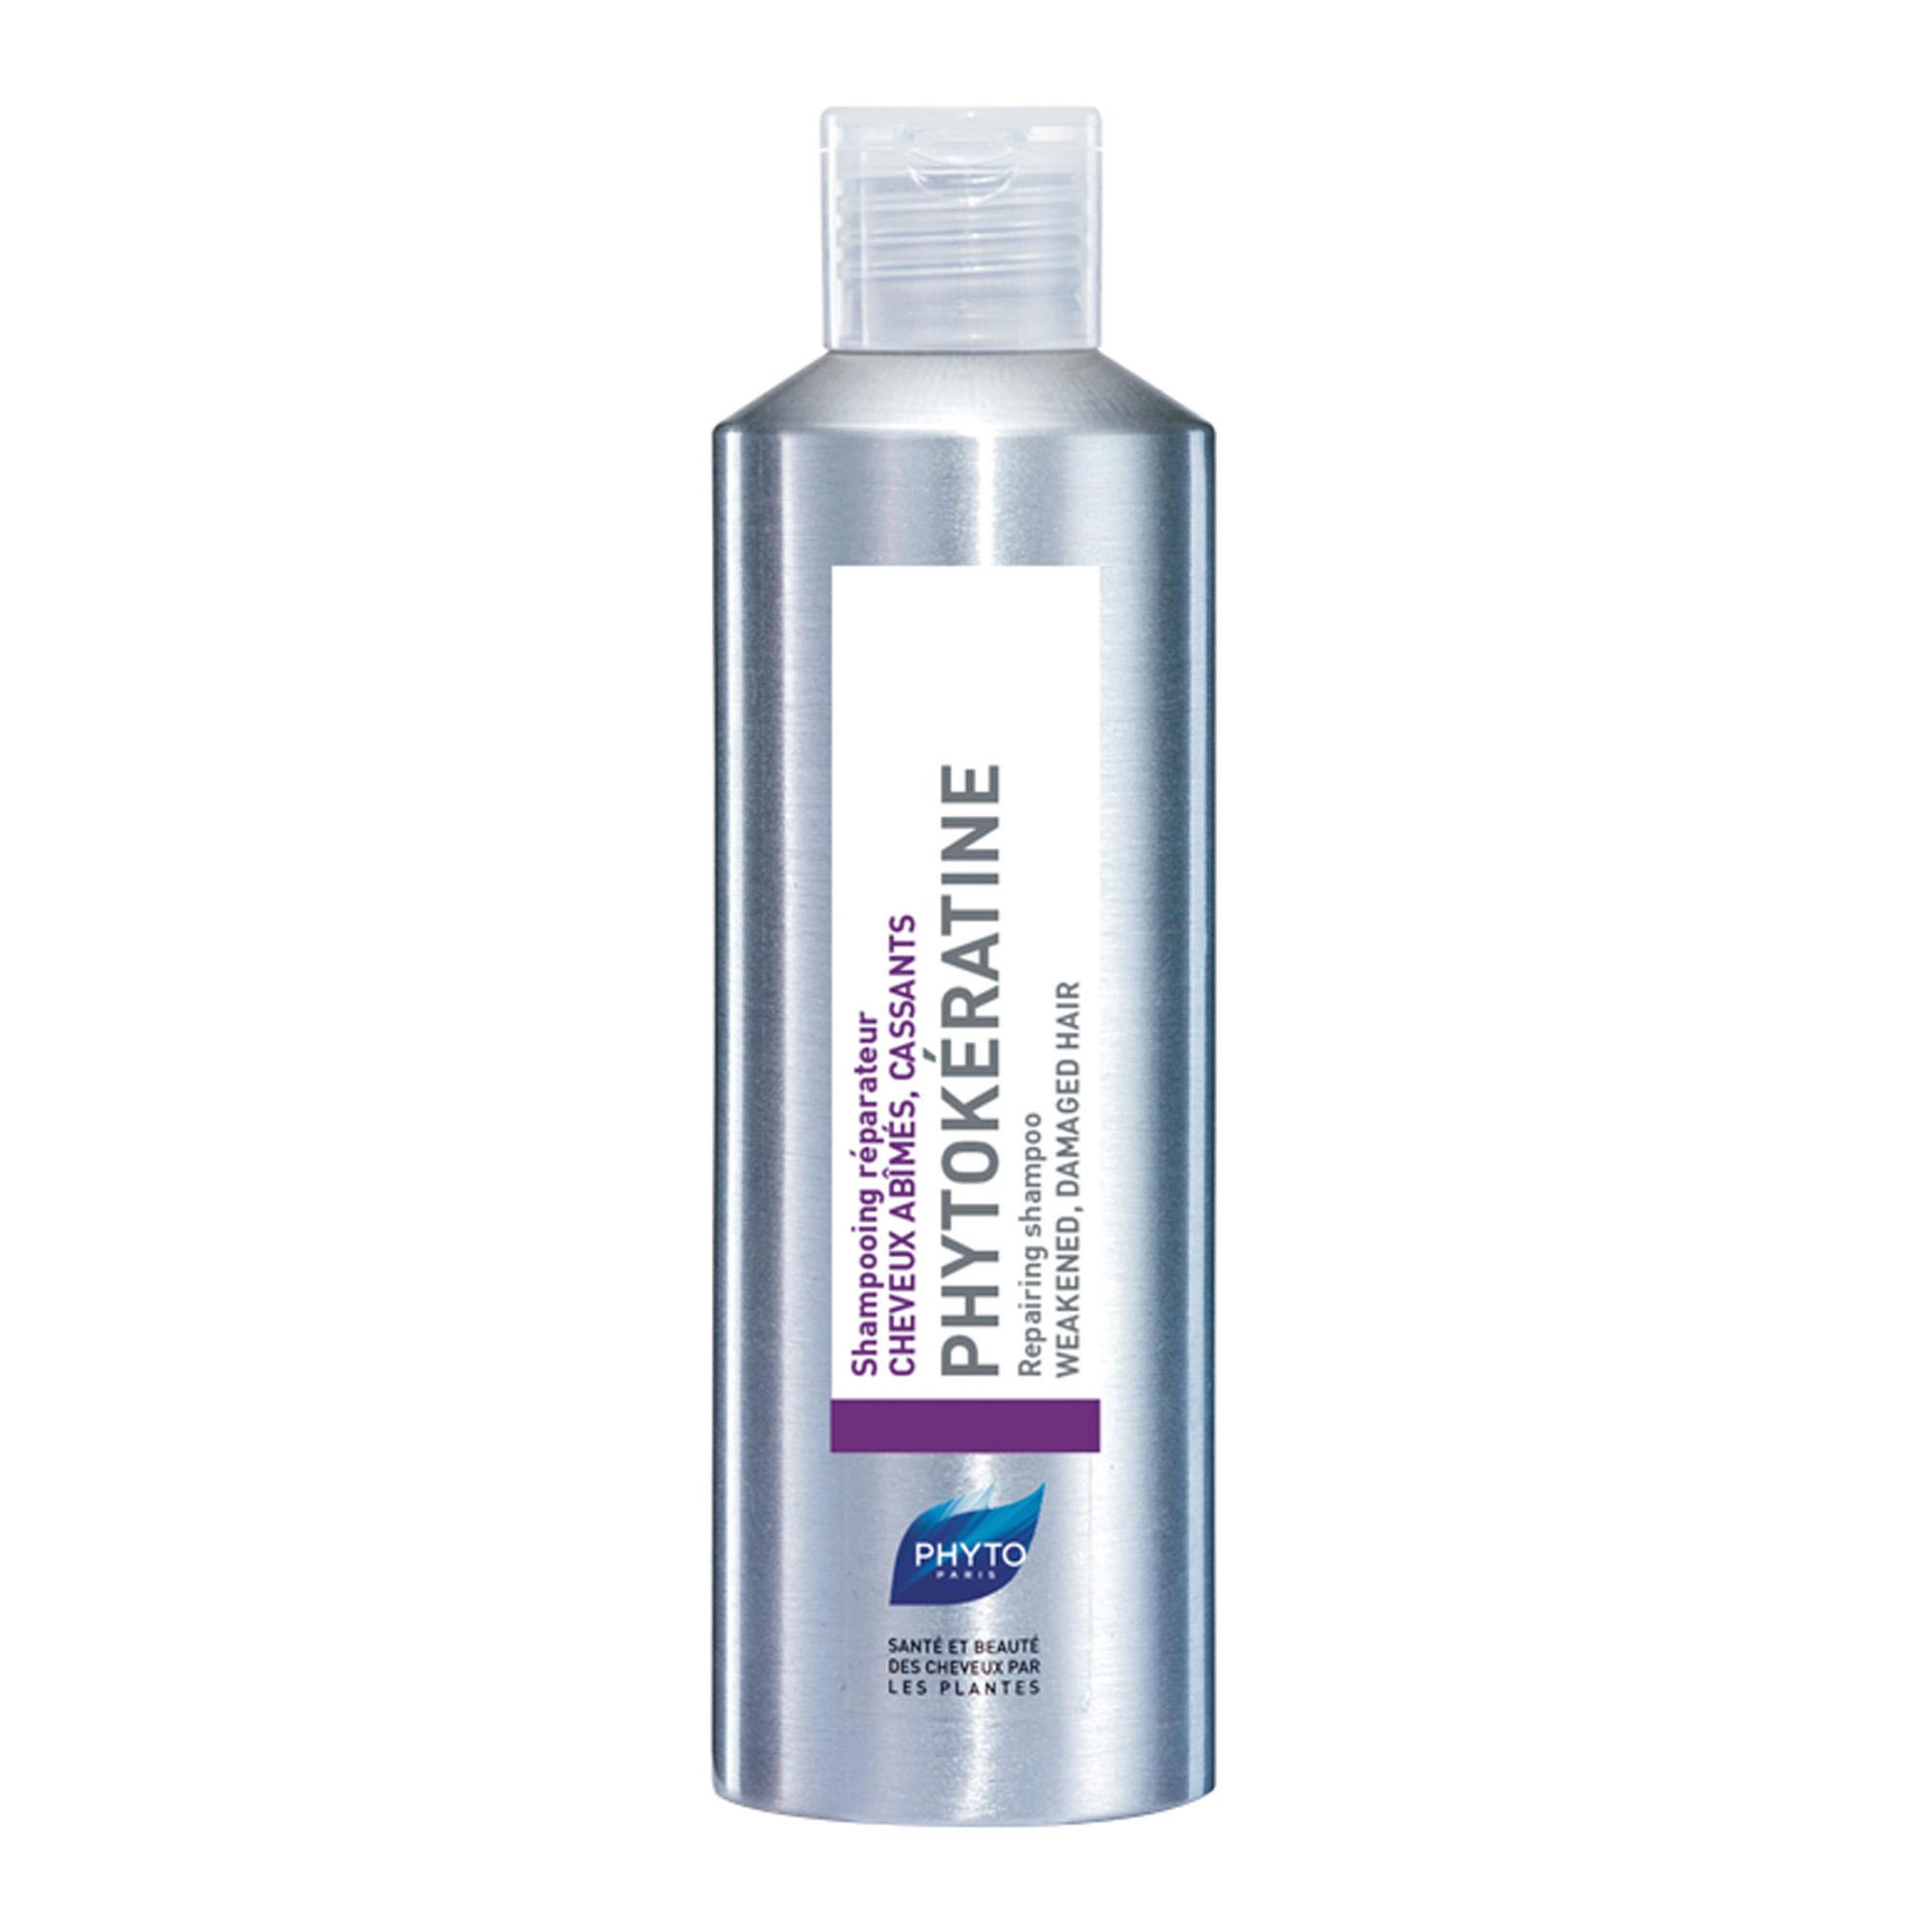 58fcd17fef6 PHYTO Phytokeratine šampoon katkevatele ja õhukestele juustele 200ml